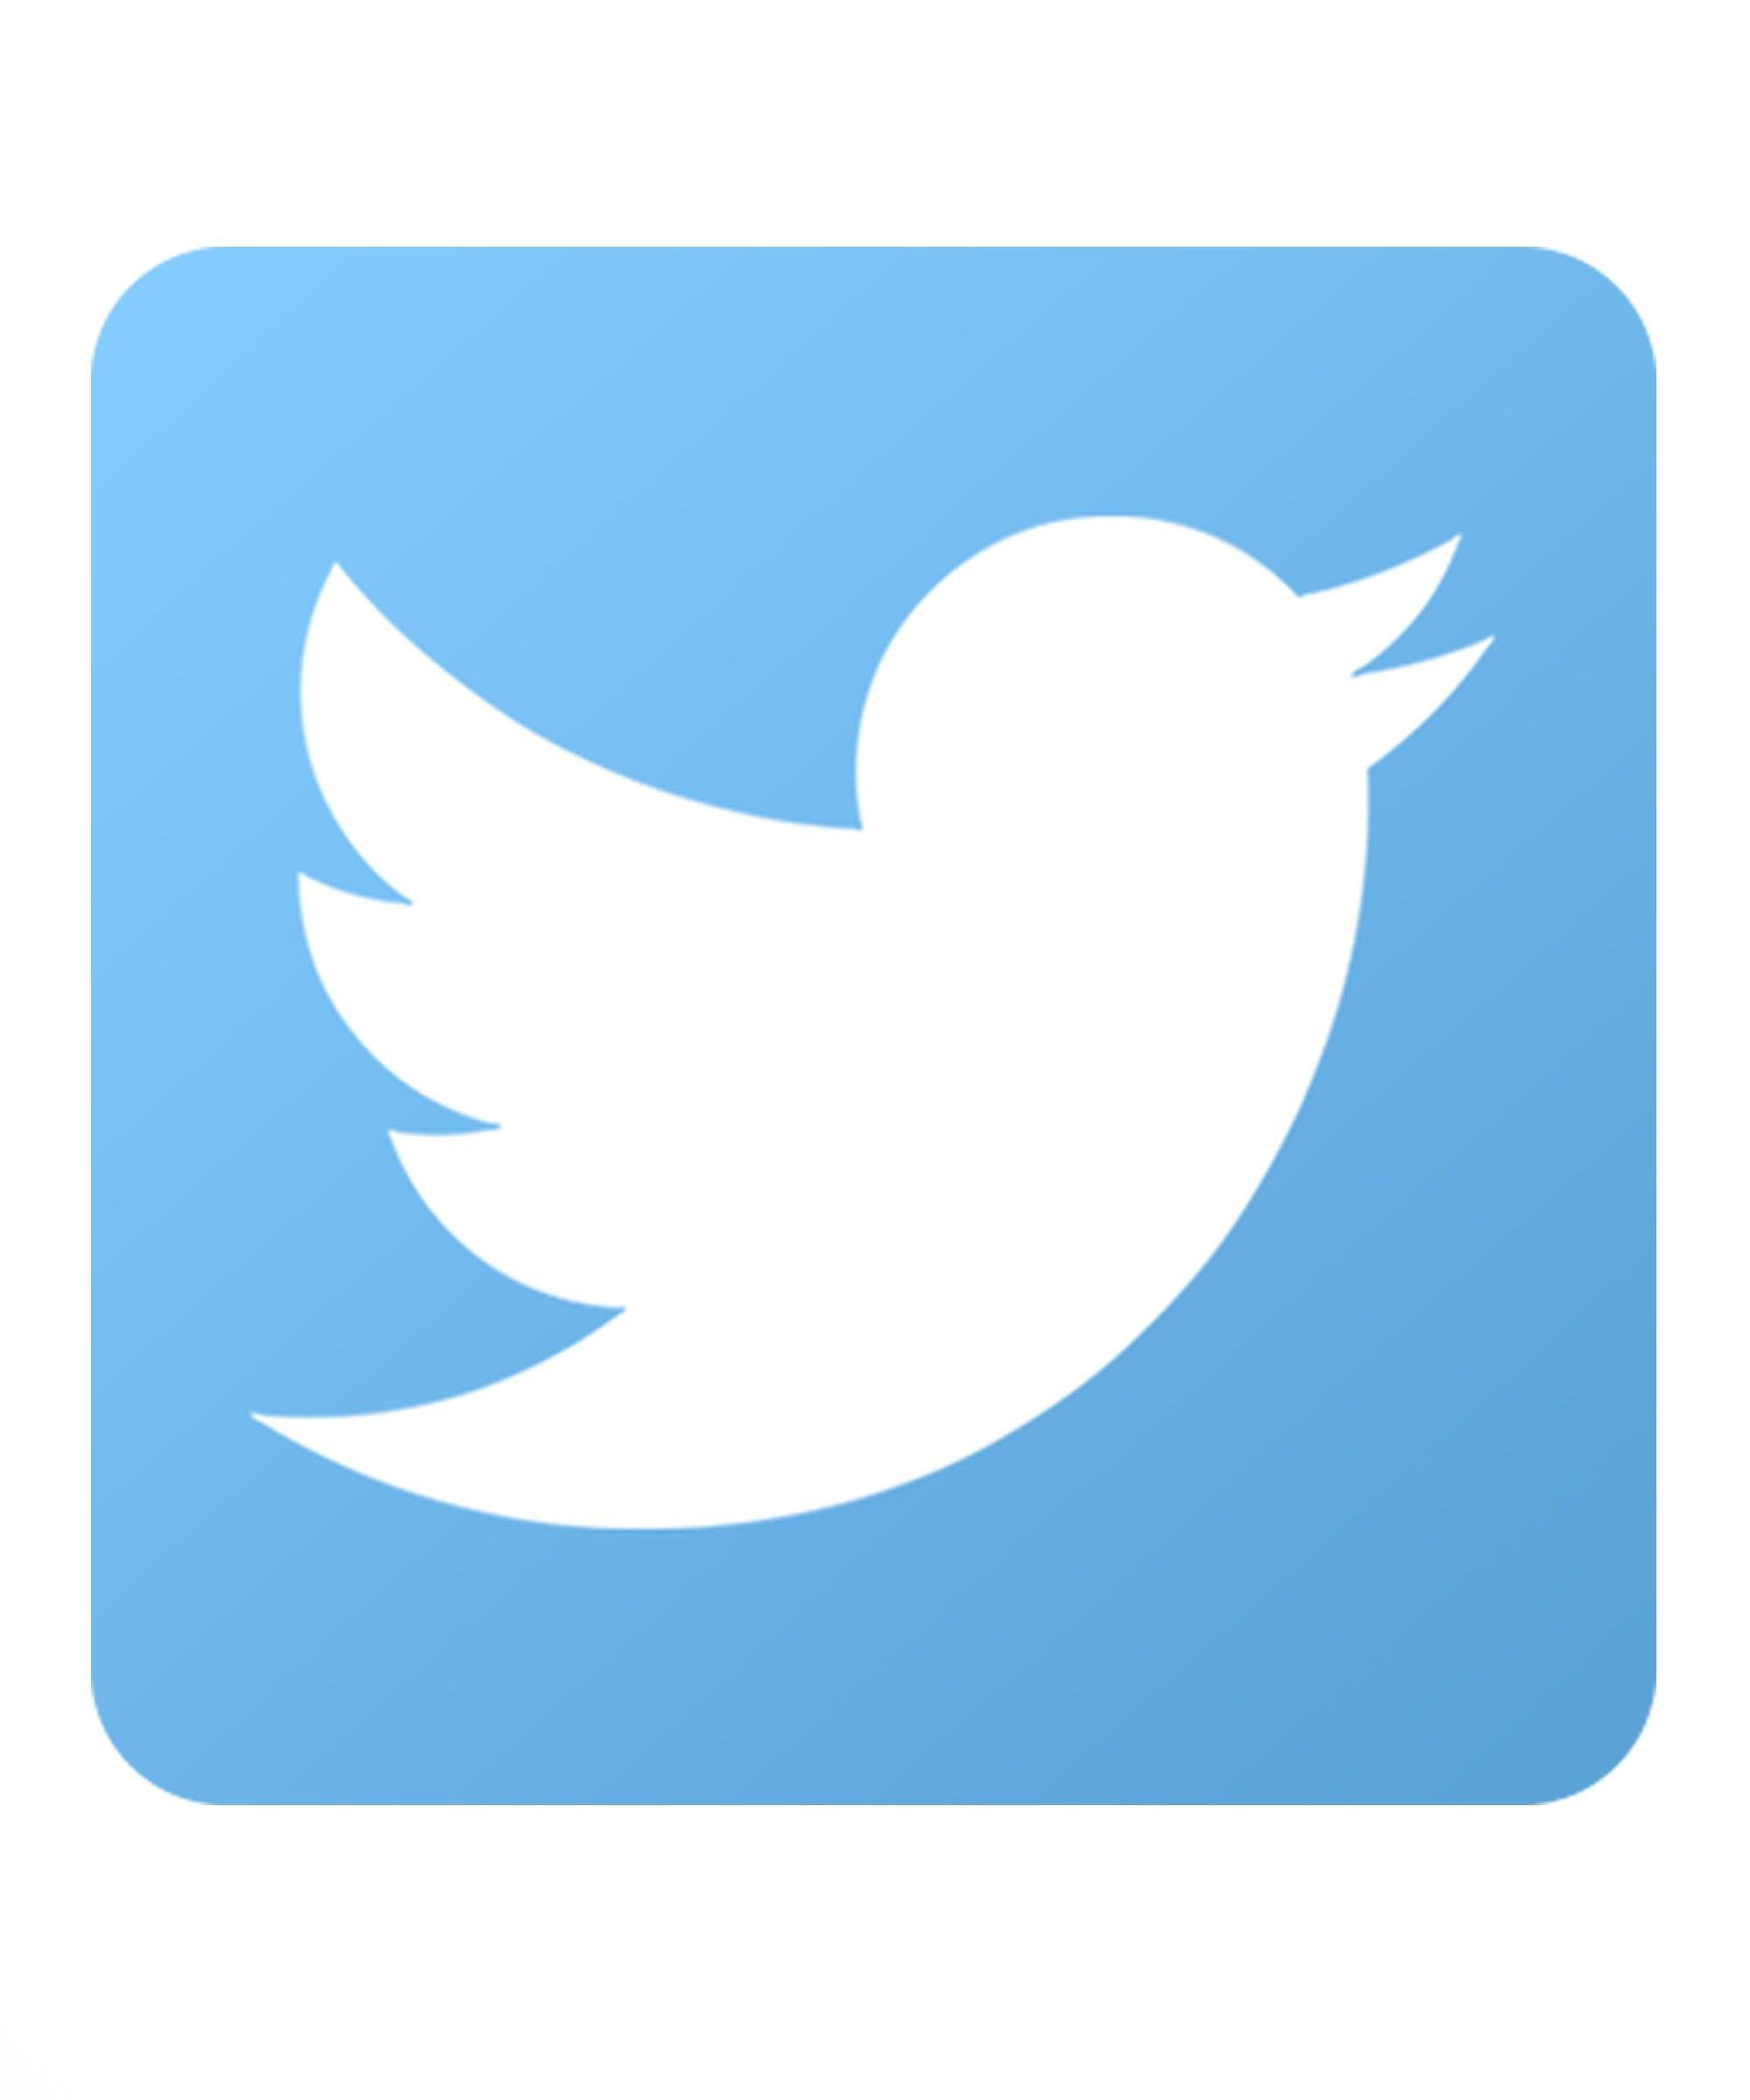 logo twitter render